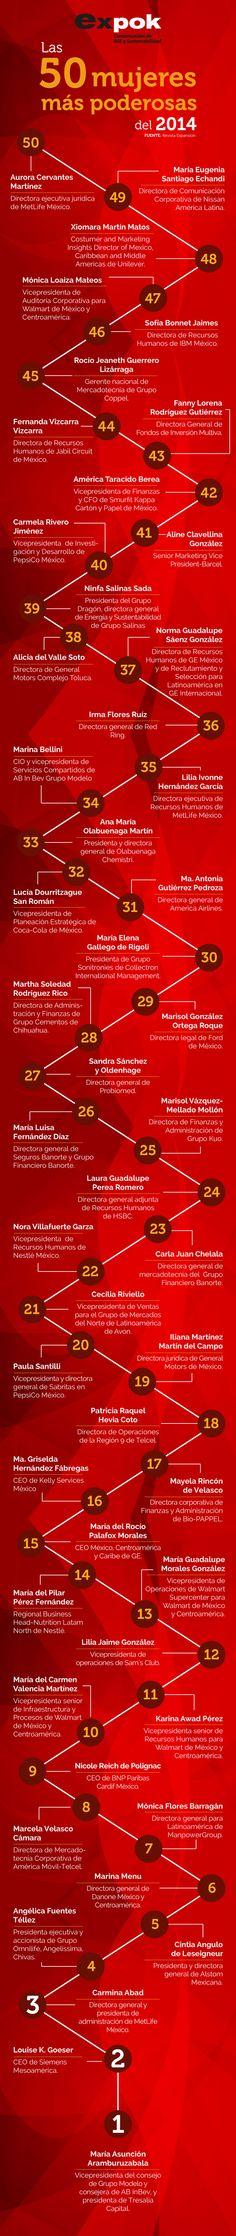 Las 50 mujeres más poderosas de México según Expansión